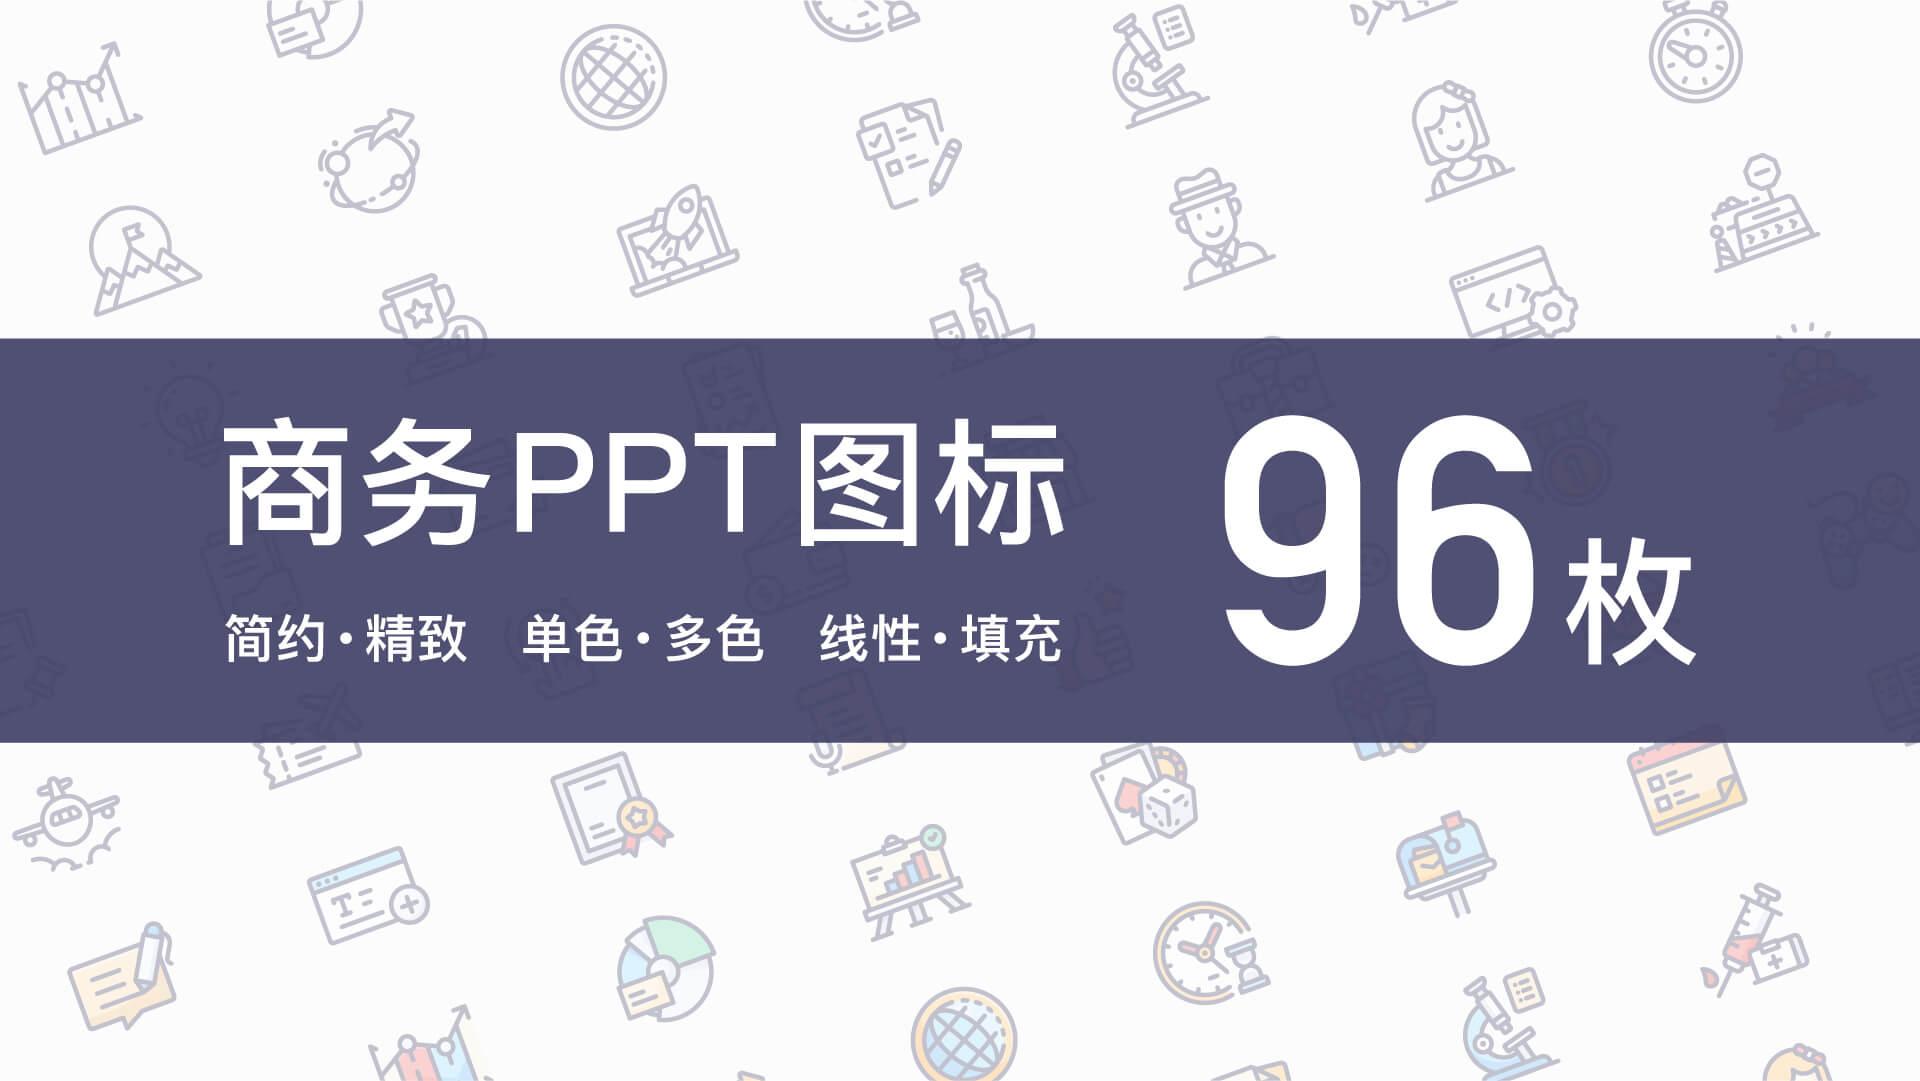 商务PPT图标